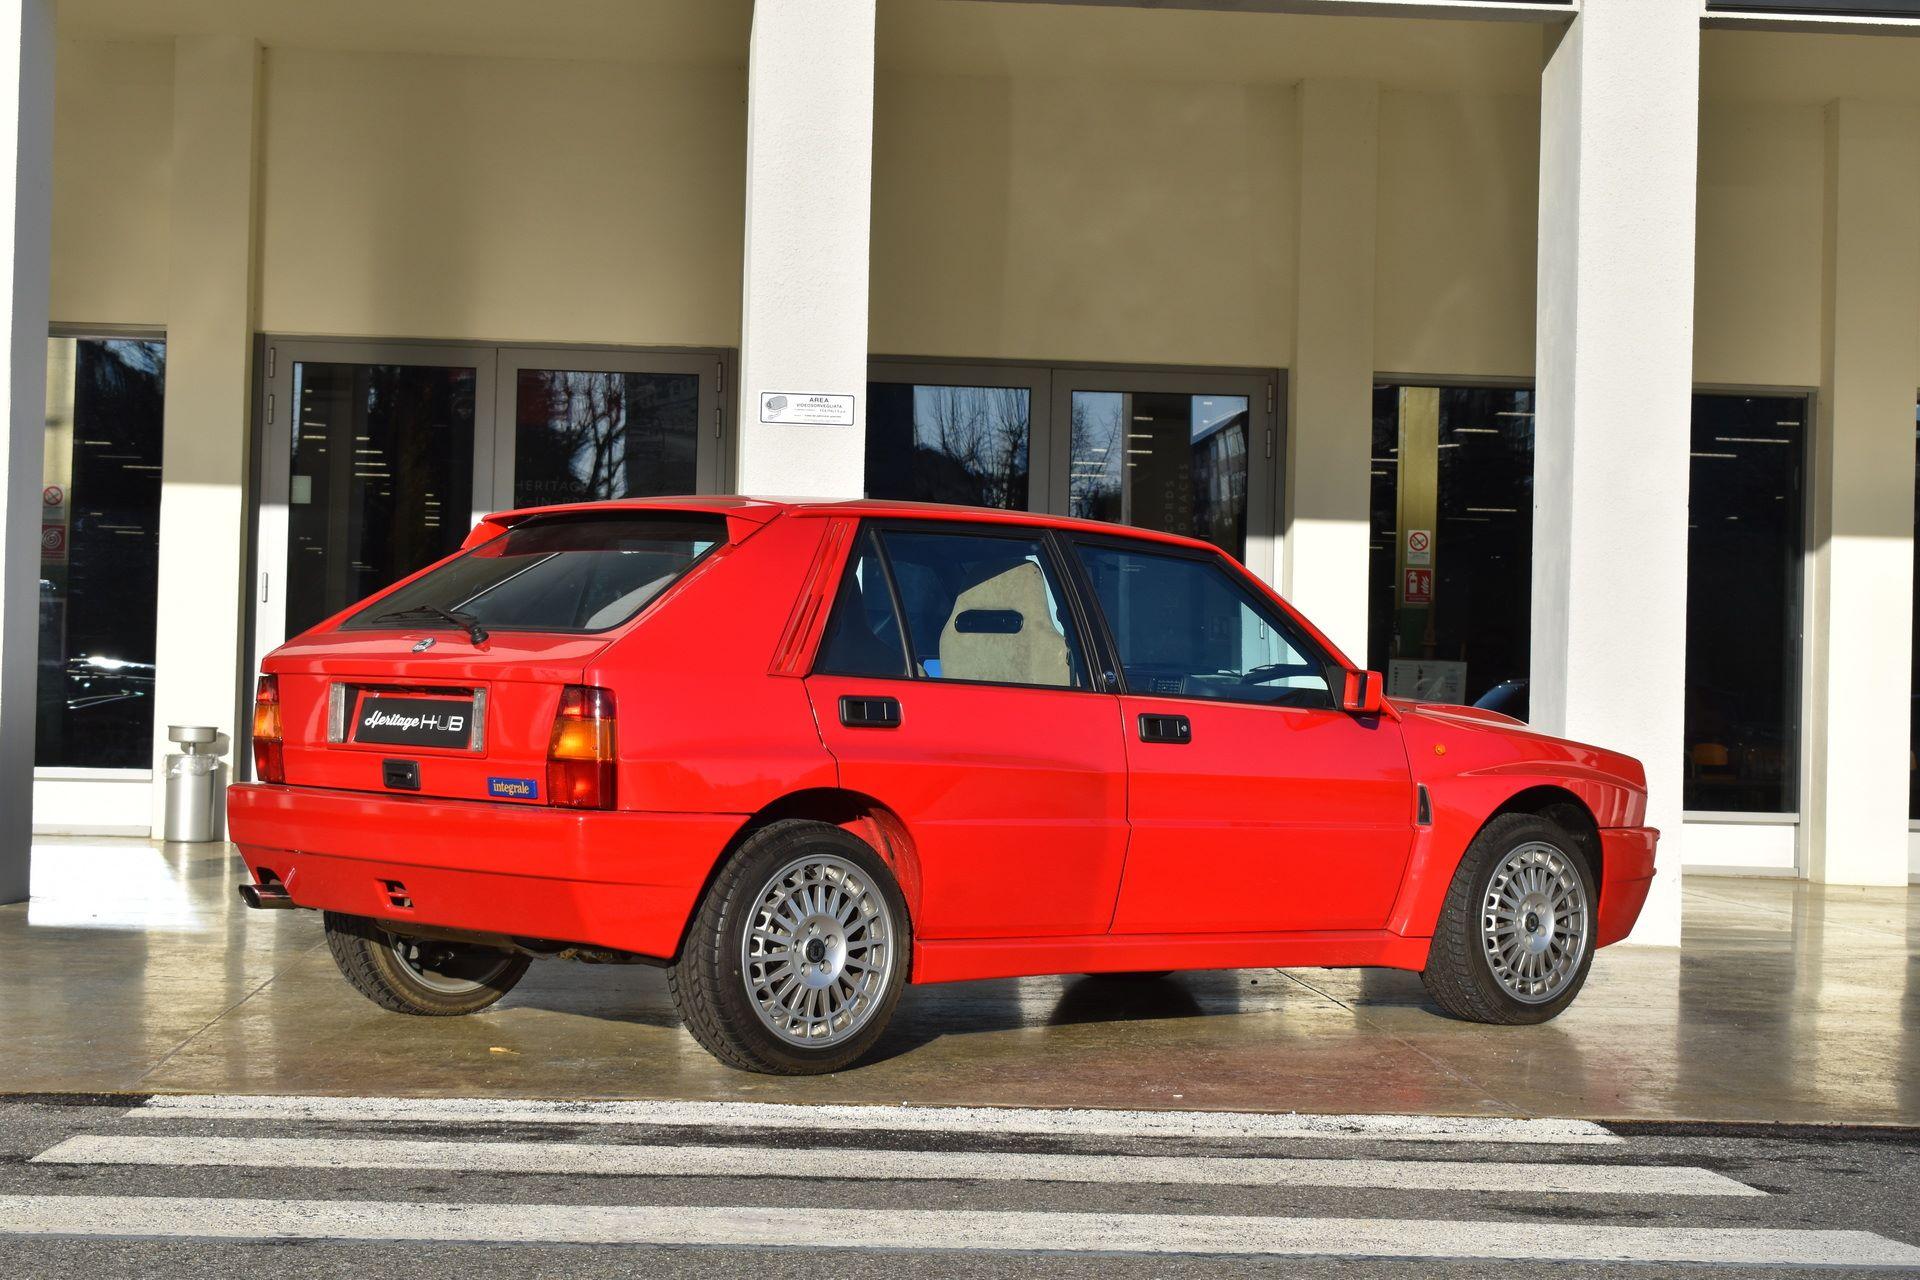 Stellantis-Heritage-Parts-Lancia-Delta-HF-Integrale-Evoluzione-3